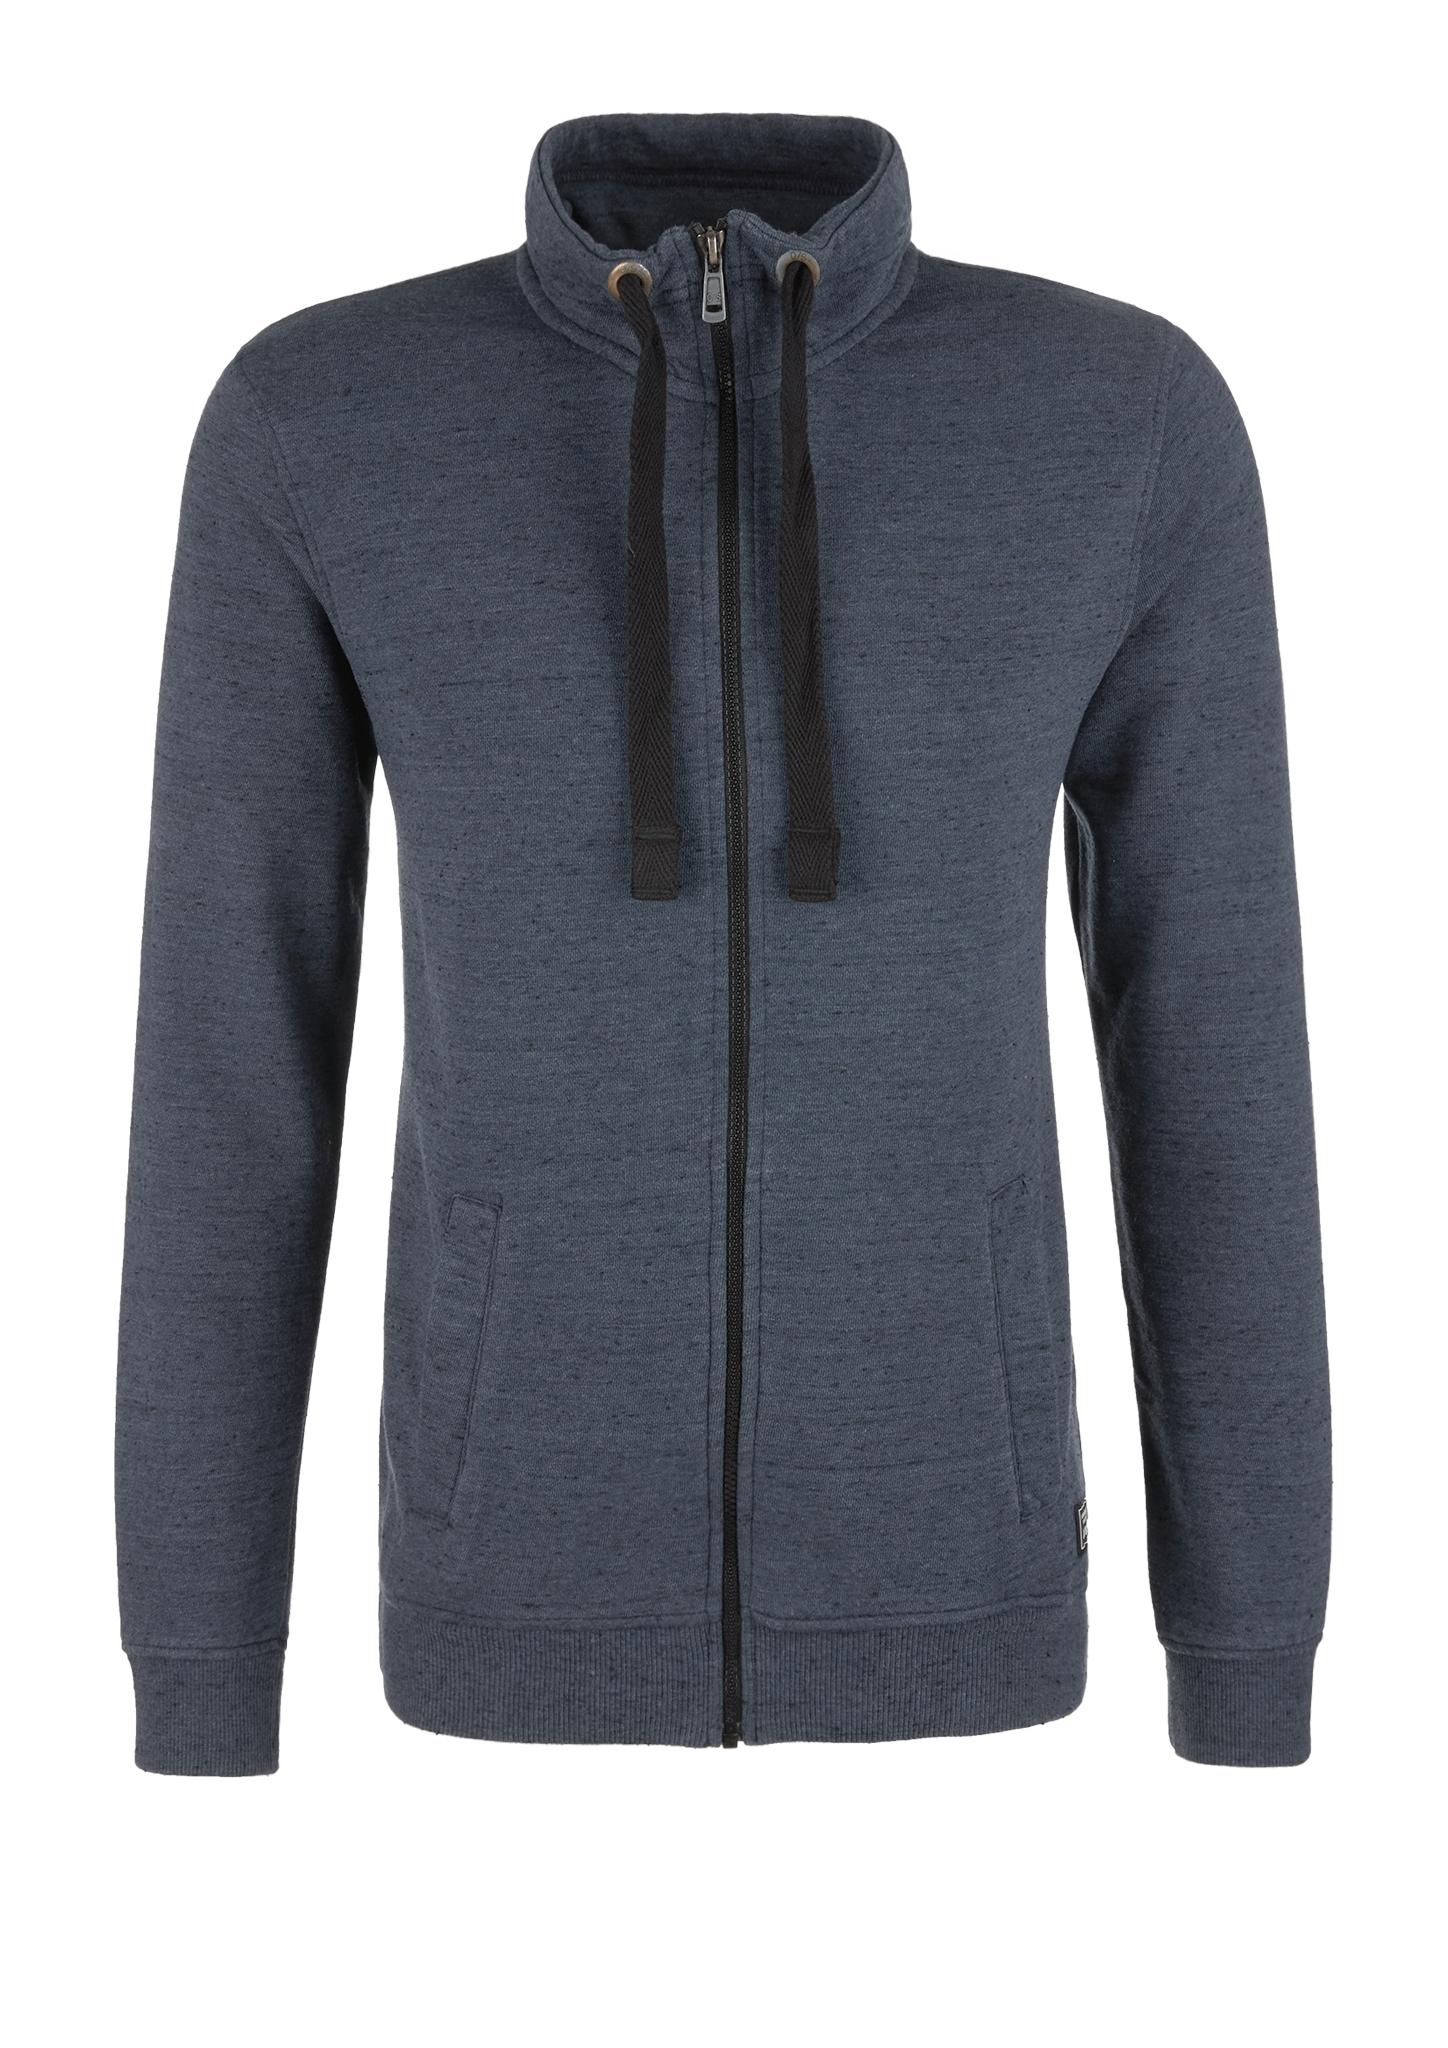 Sweatjacke | Bekleidung > Sweatshirts & -jacken > Sweatjacken | Blau | Obermaterial: 60% baumwolle -  40% polyester| manschette/bund 63% baumwolle -  34% polyester -  3% elasthan | Q/S designed by